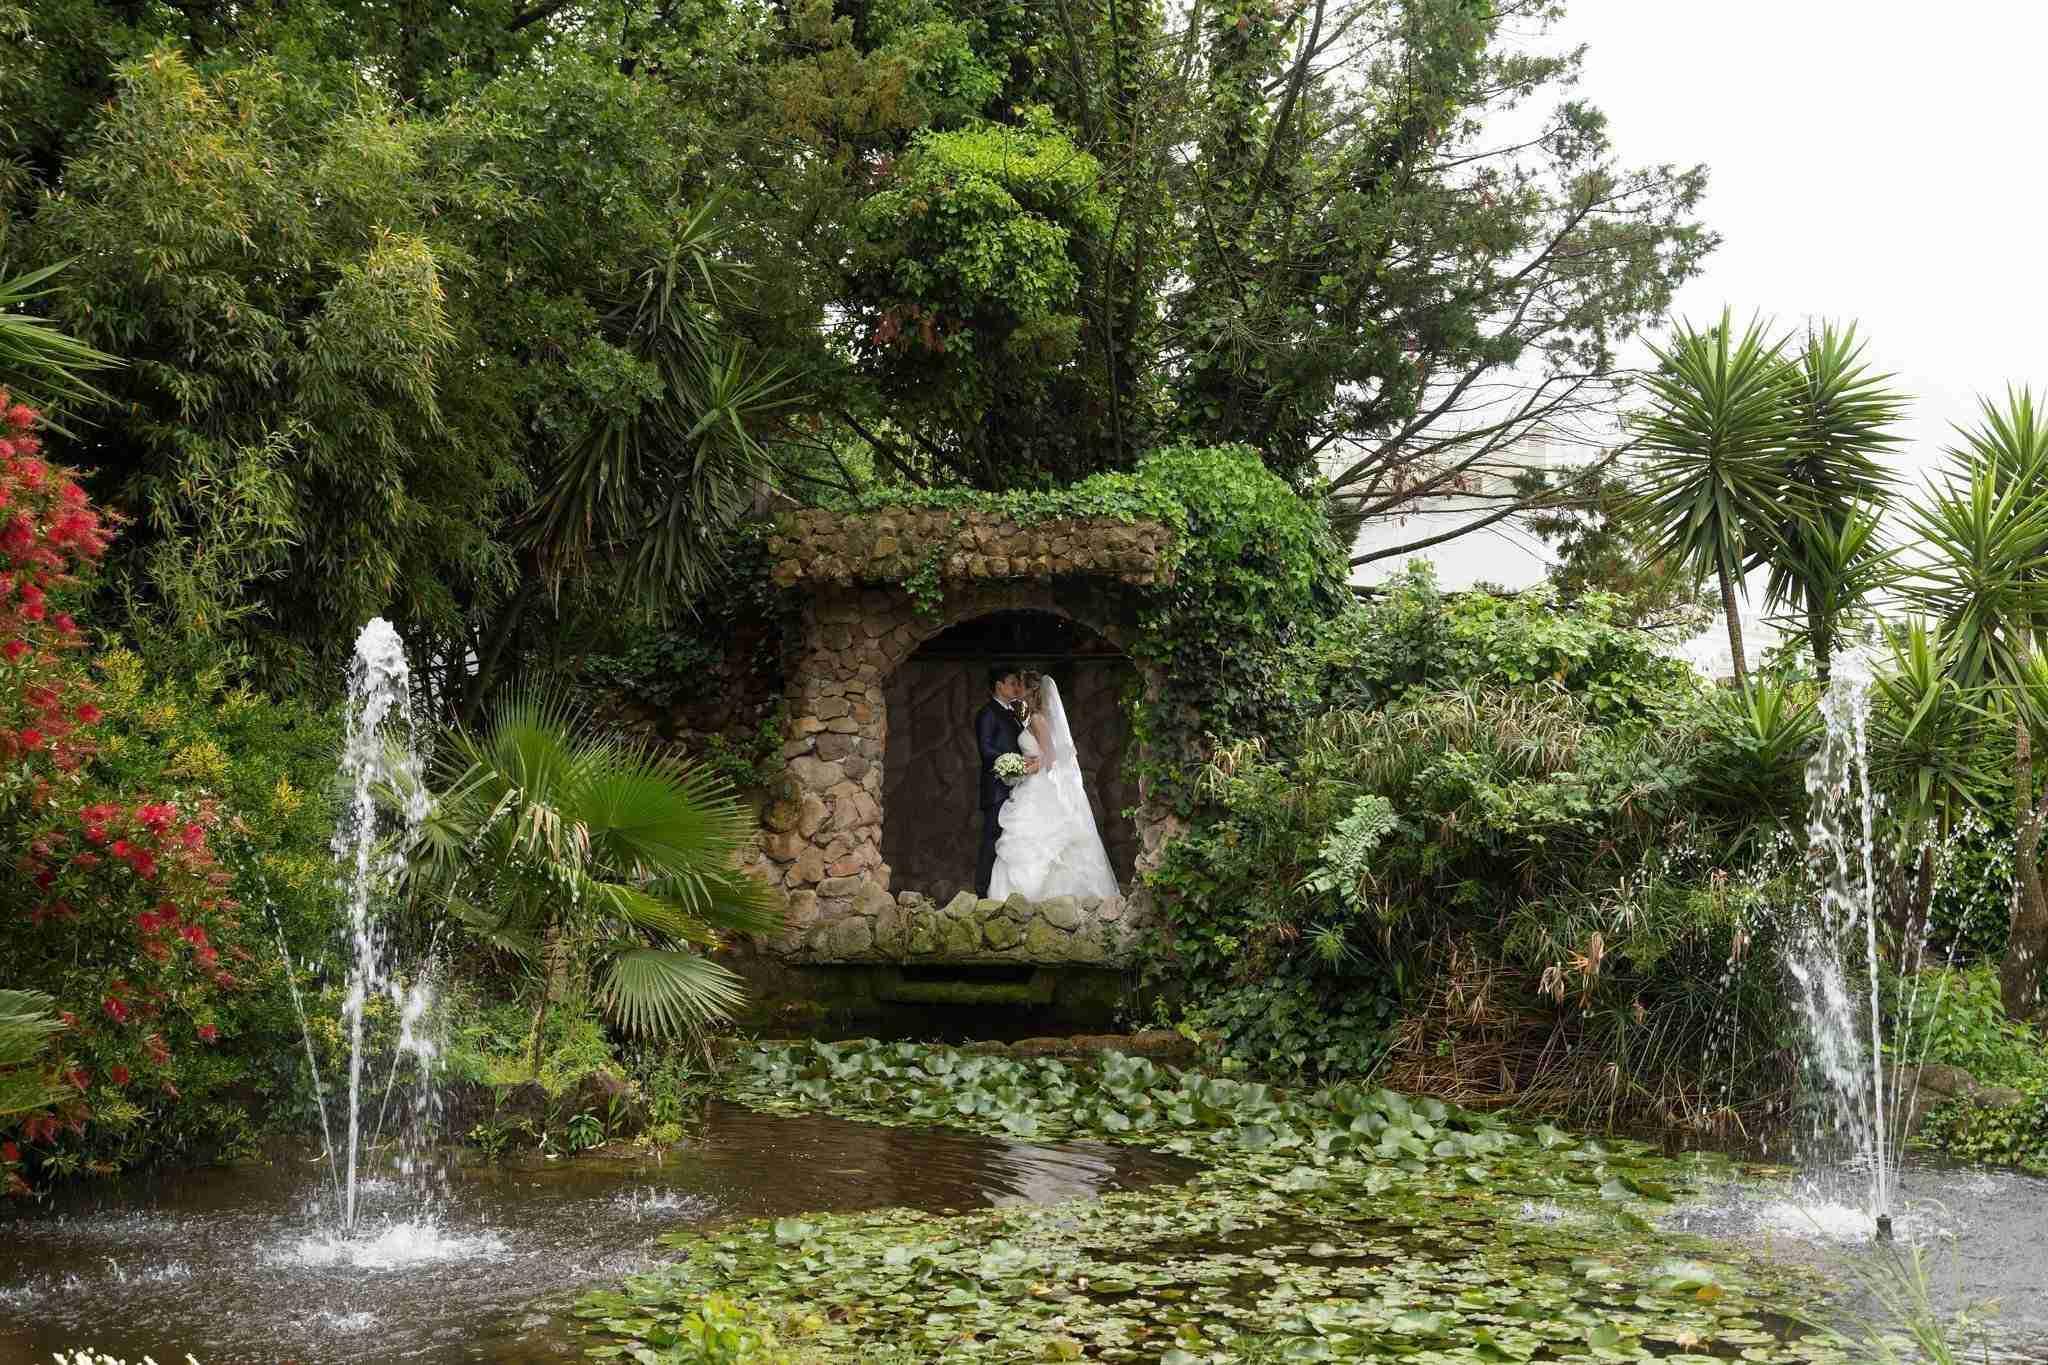 Matrimonio in Villa lago dei cigni: laghetto con cascata